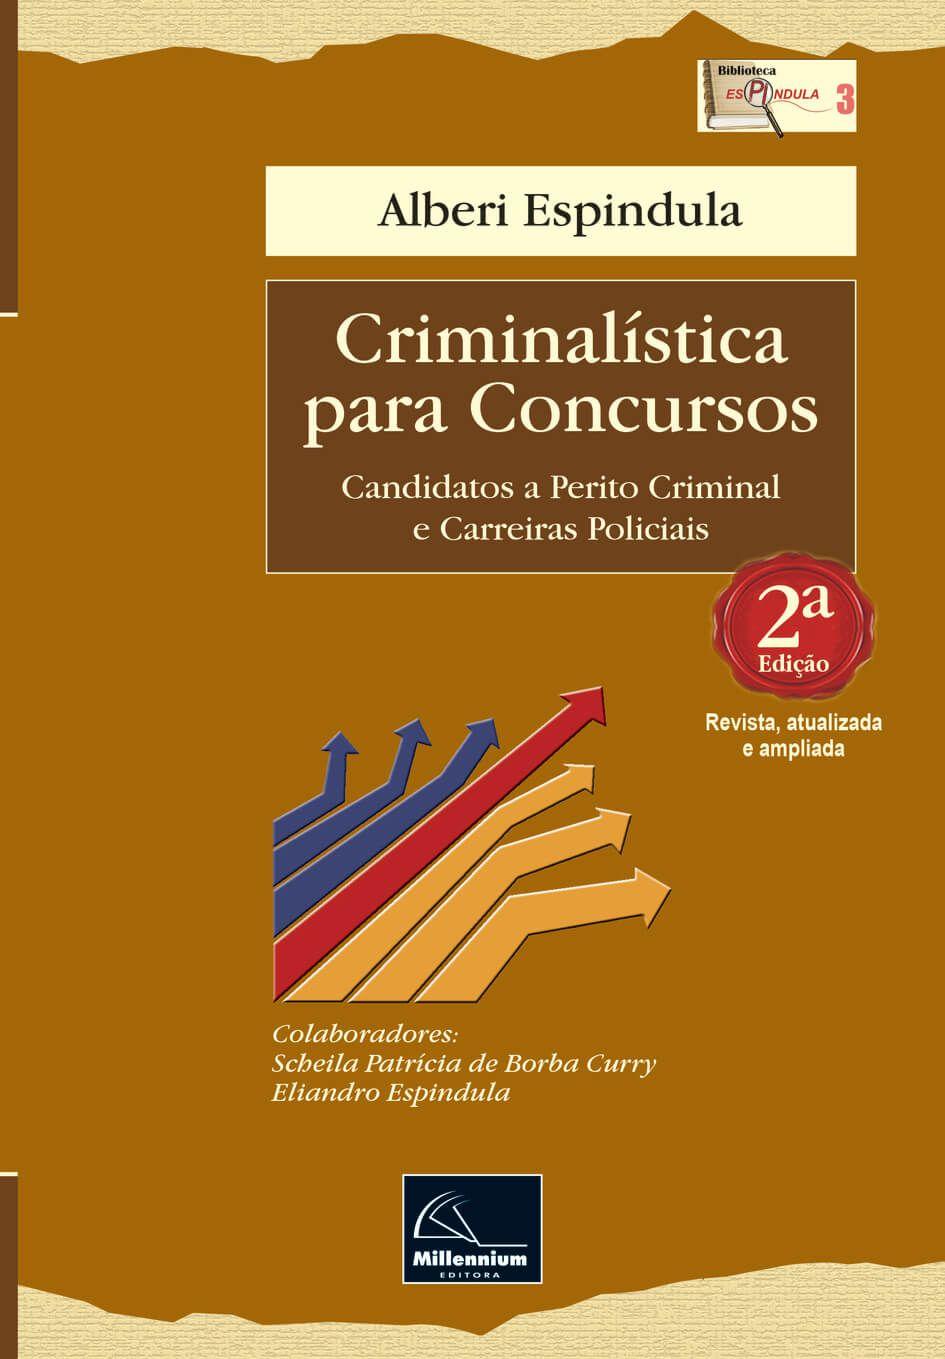 Criminalística para Concursos 2ª Edição <b>Autor: Alberi Espindula</b>  - Millennium Editora - Livros de Perícia